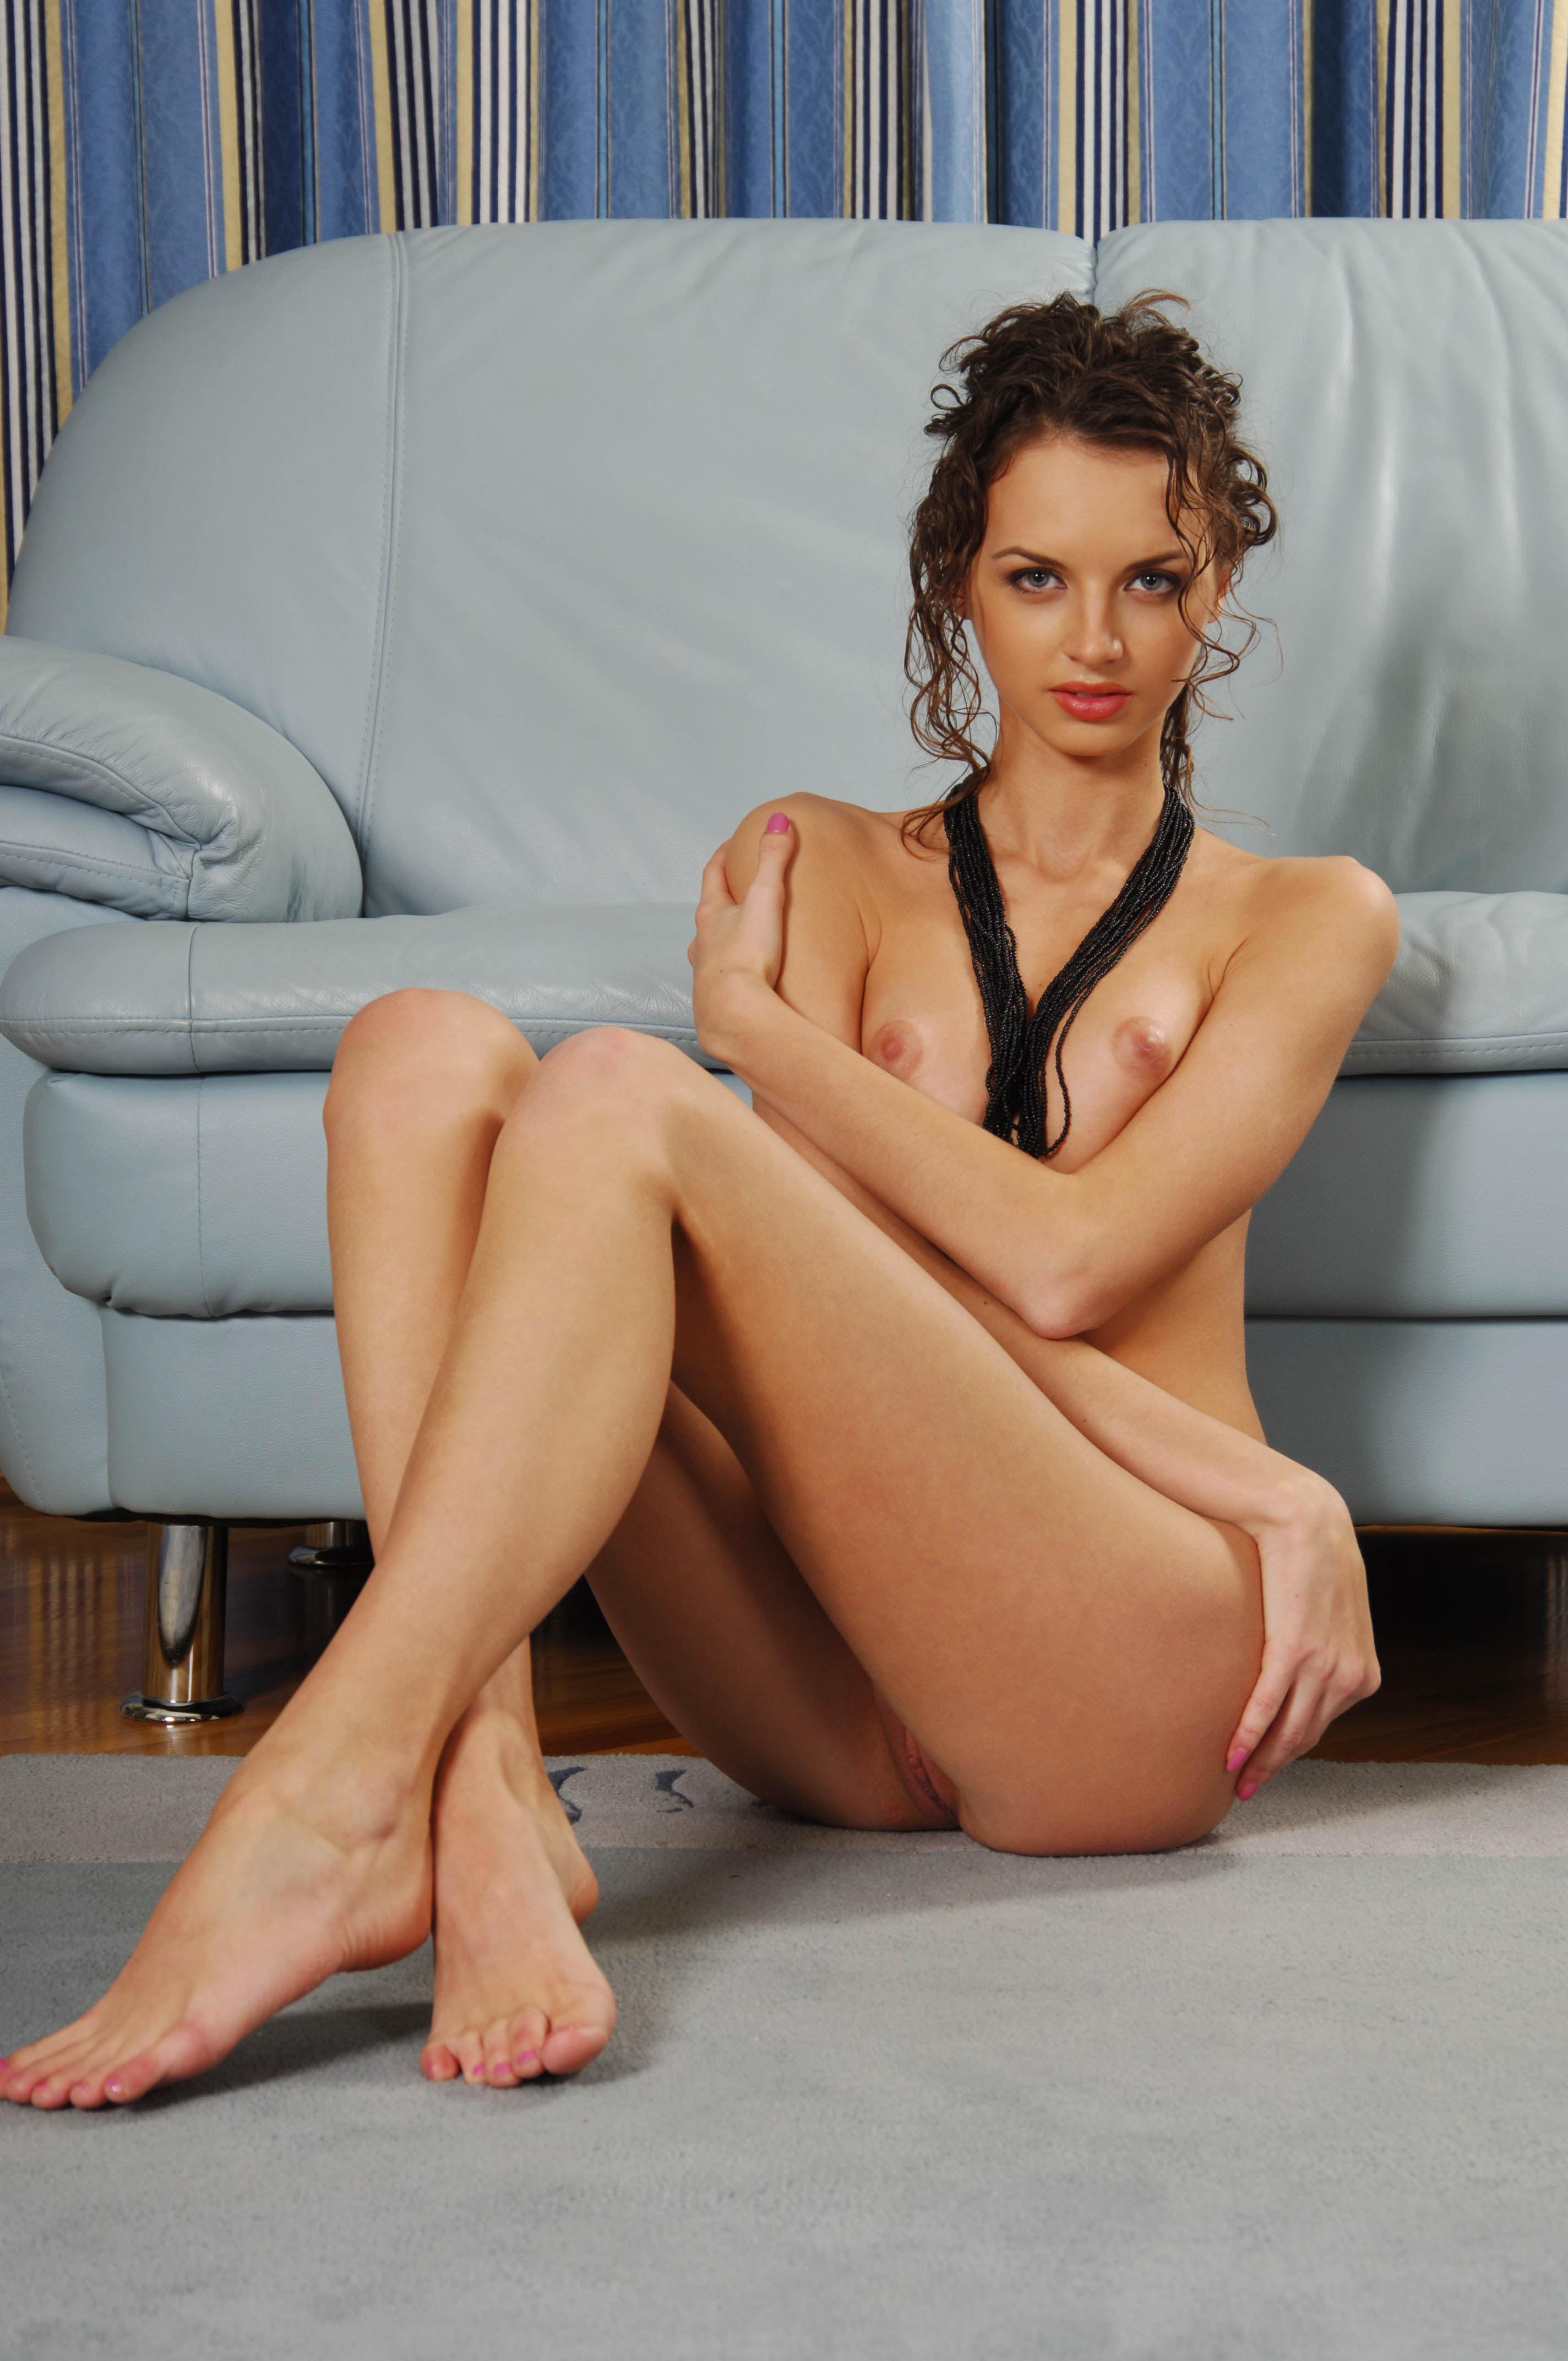 busty-brunette-natasha-d-from-met-art-37.jpg